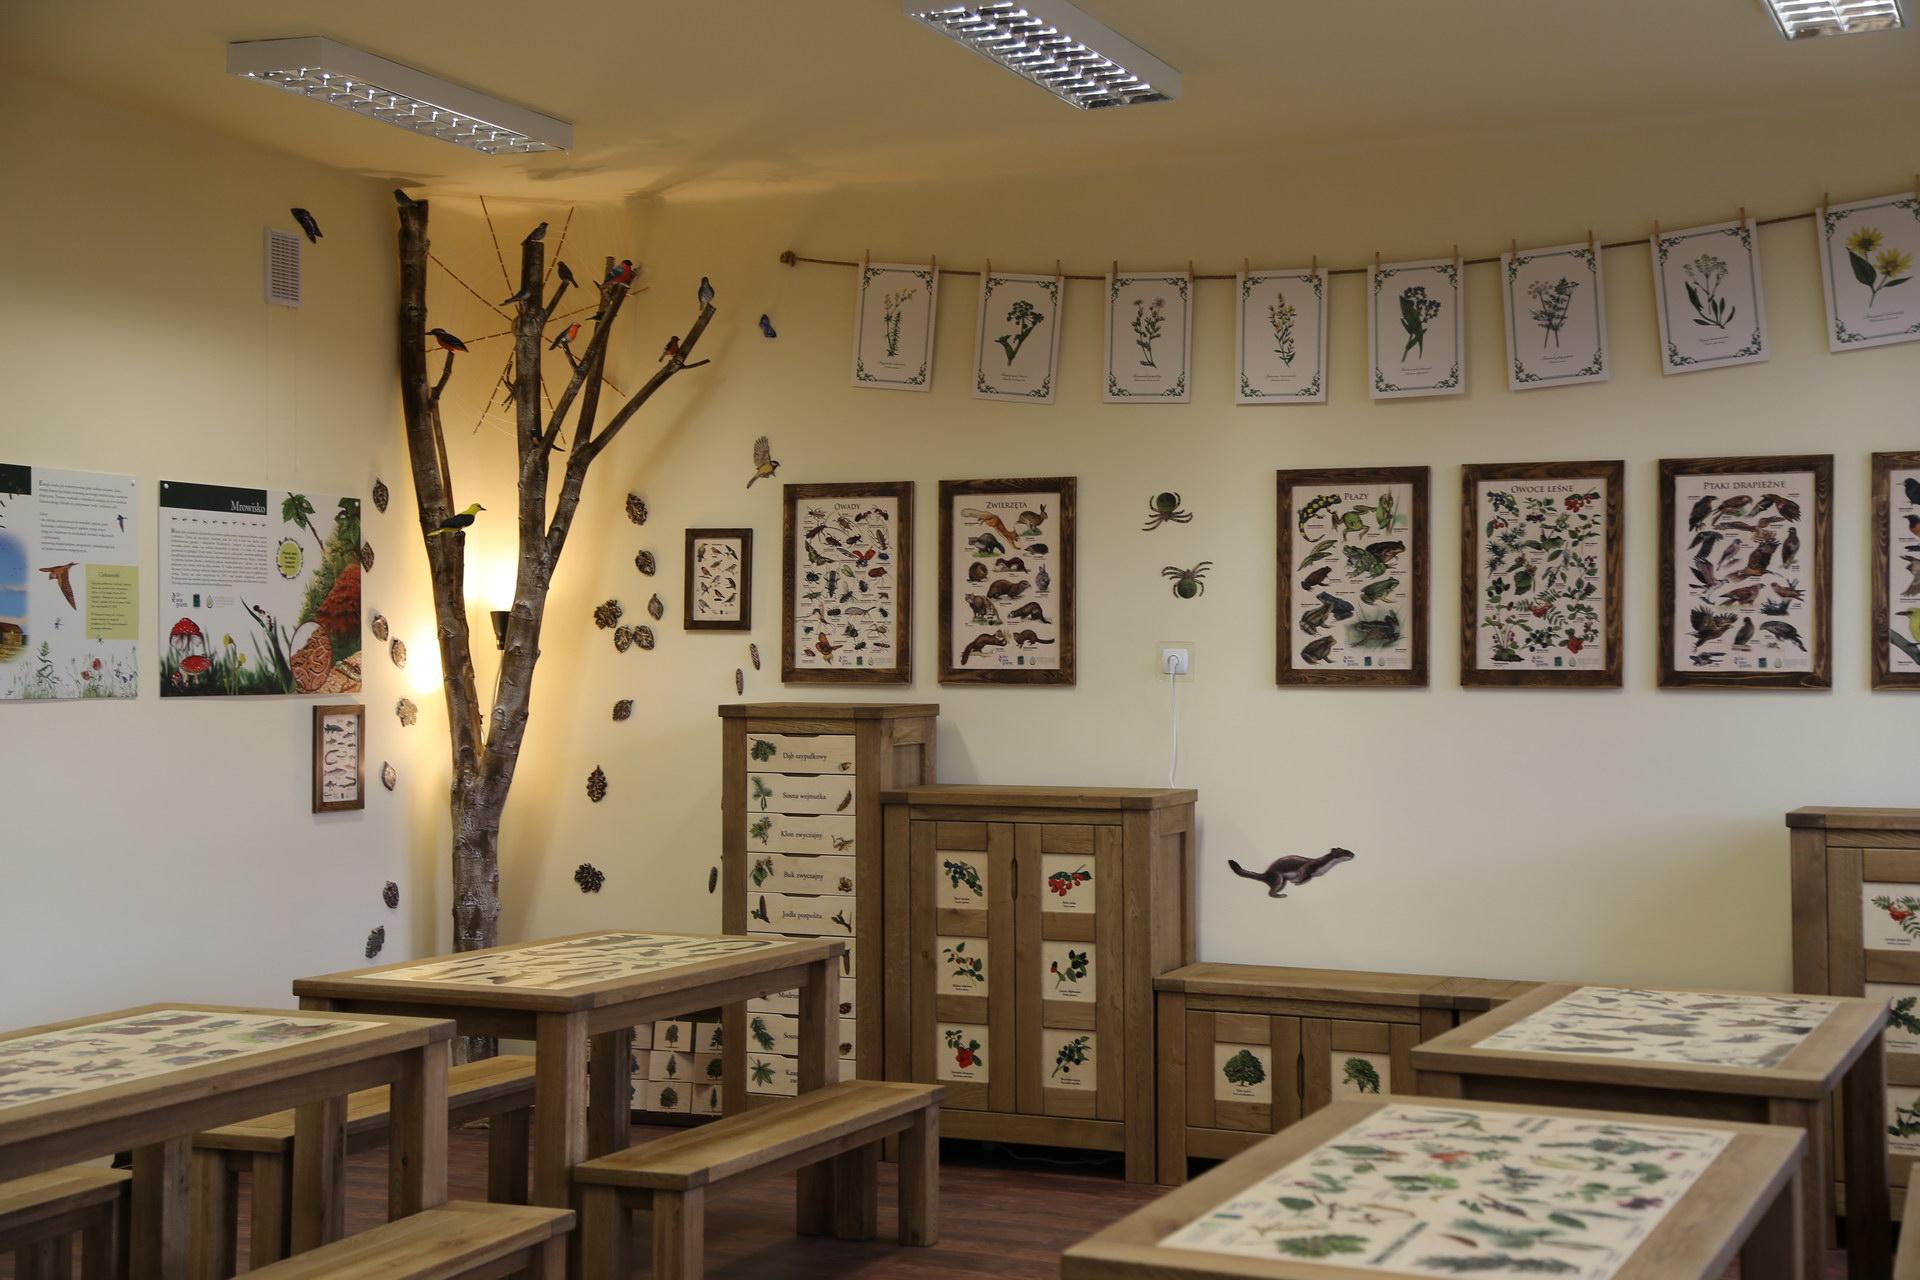 Izby edukacyjne lesne - sale przyrodnicze, wystroj wnetrz - ZS Grzmiaca (2)